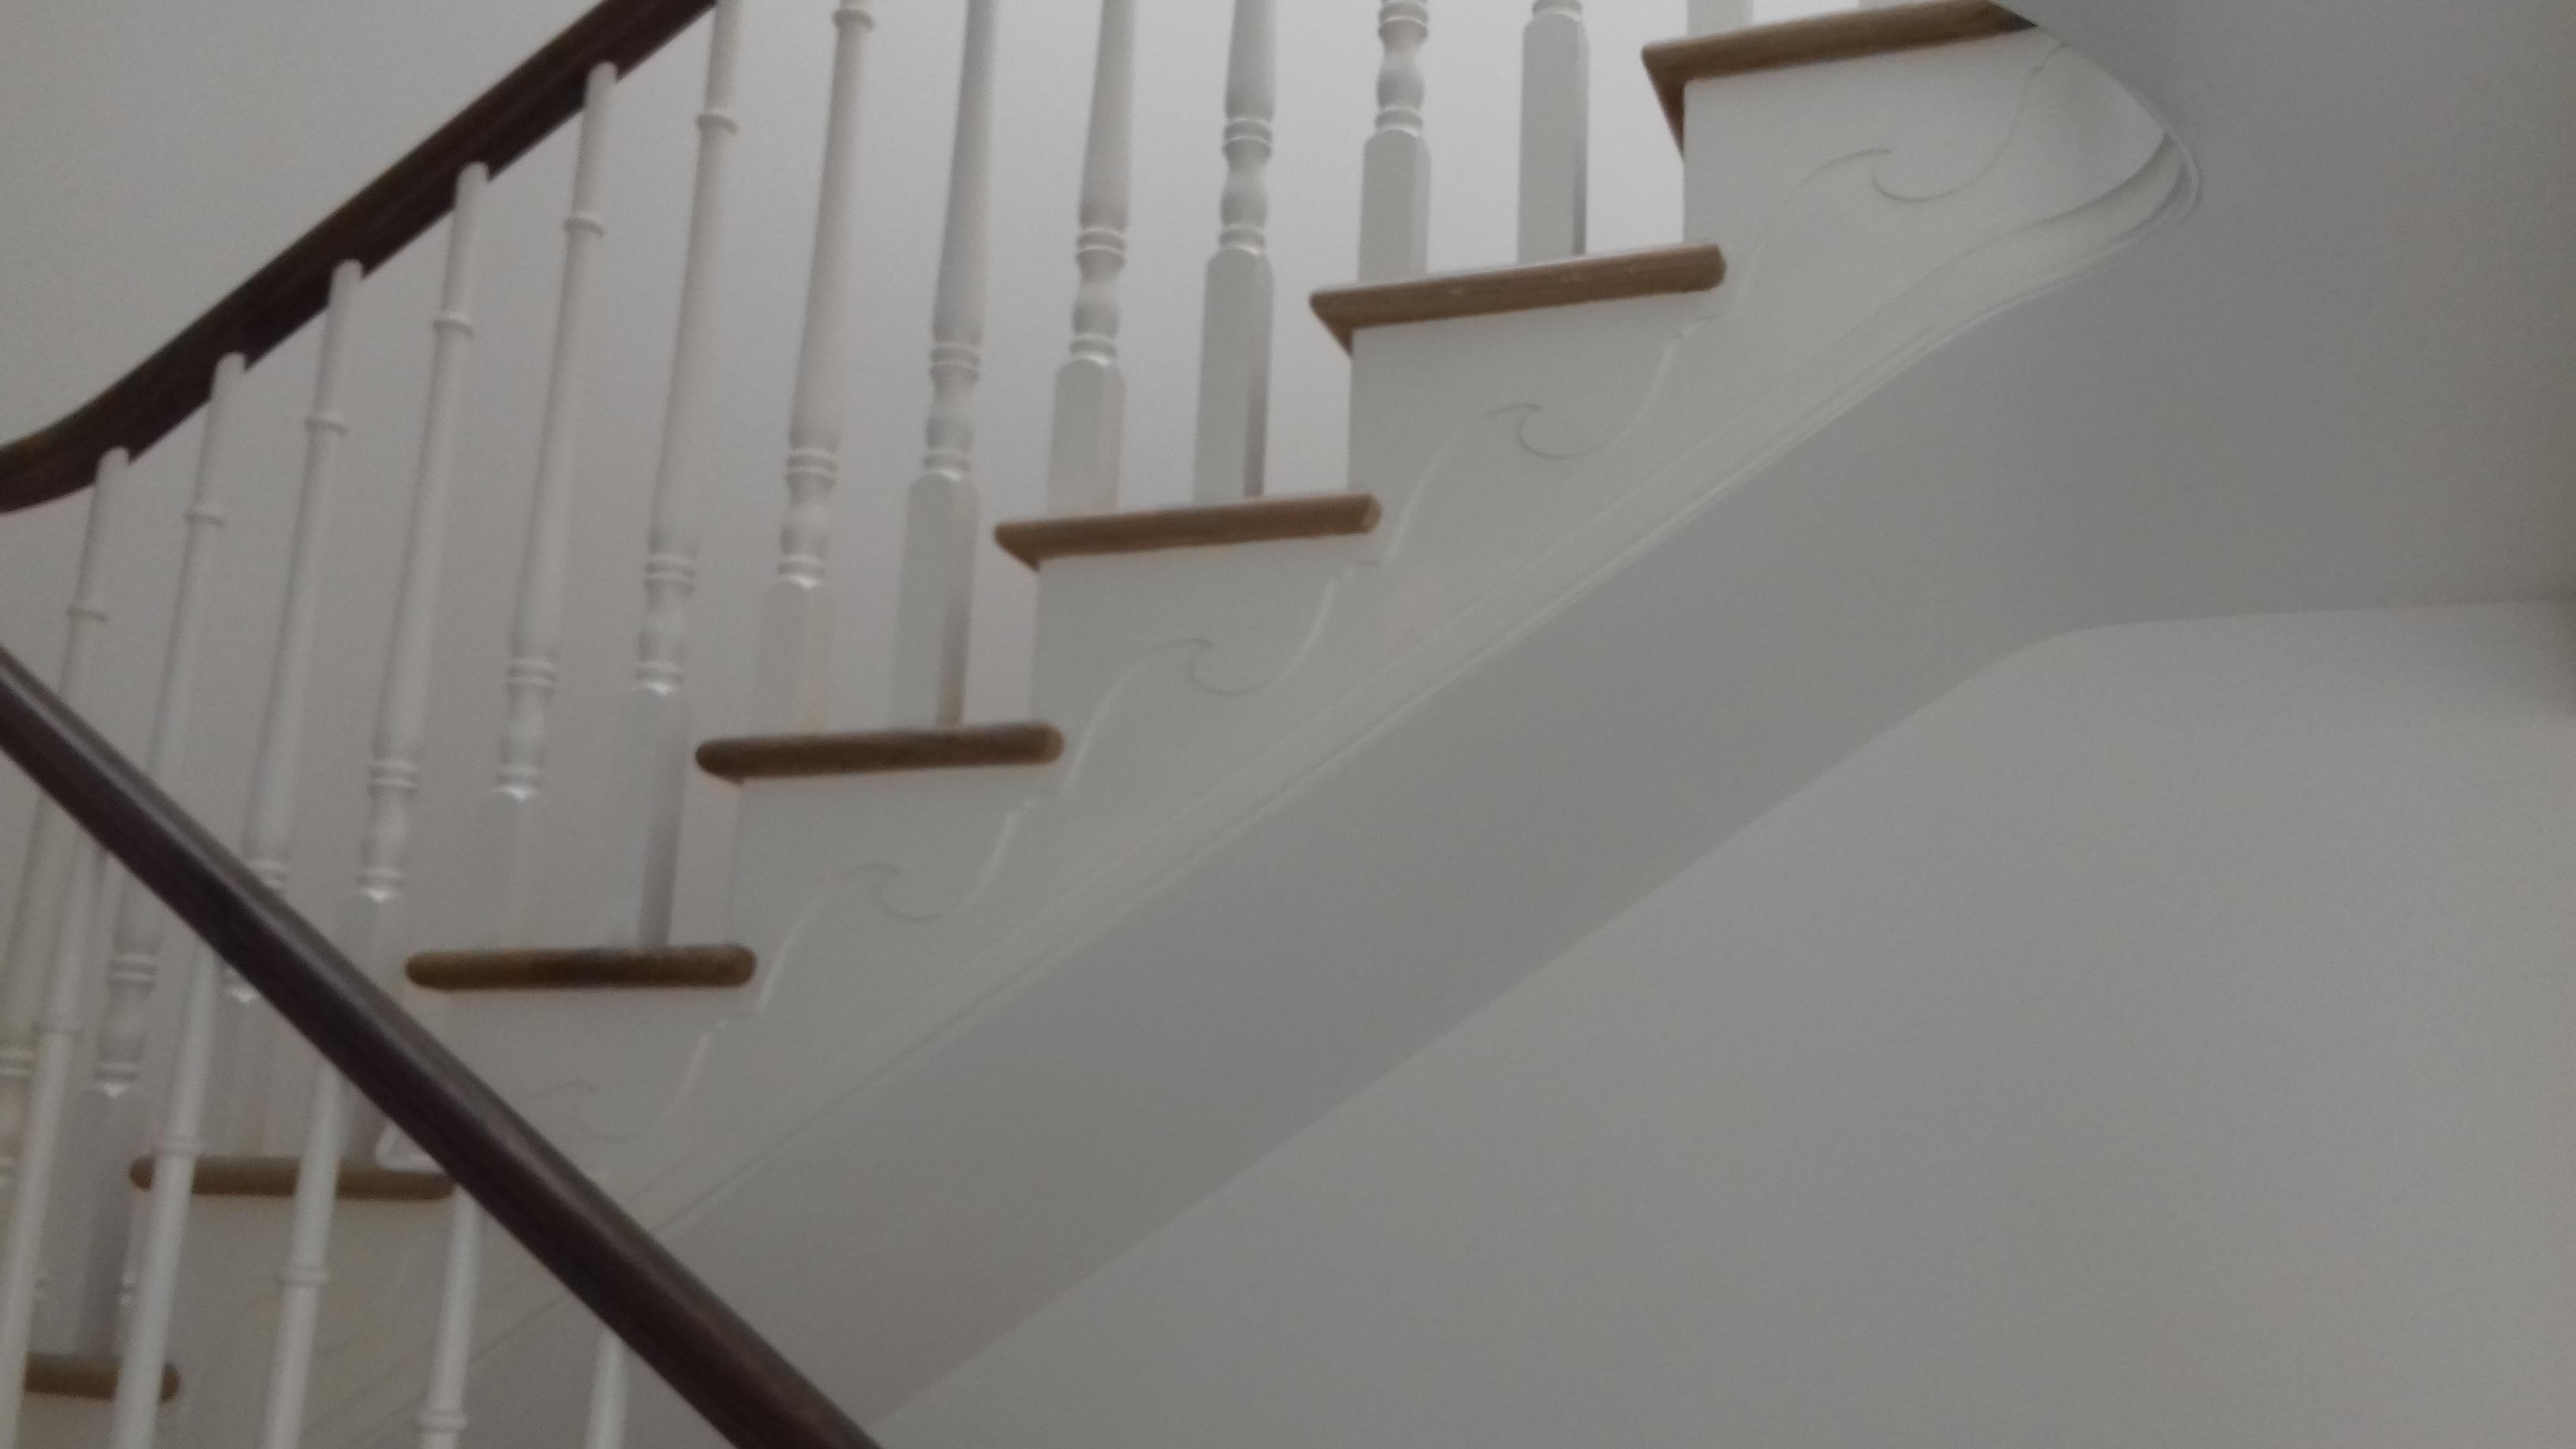 Stairs underside.